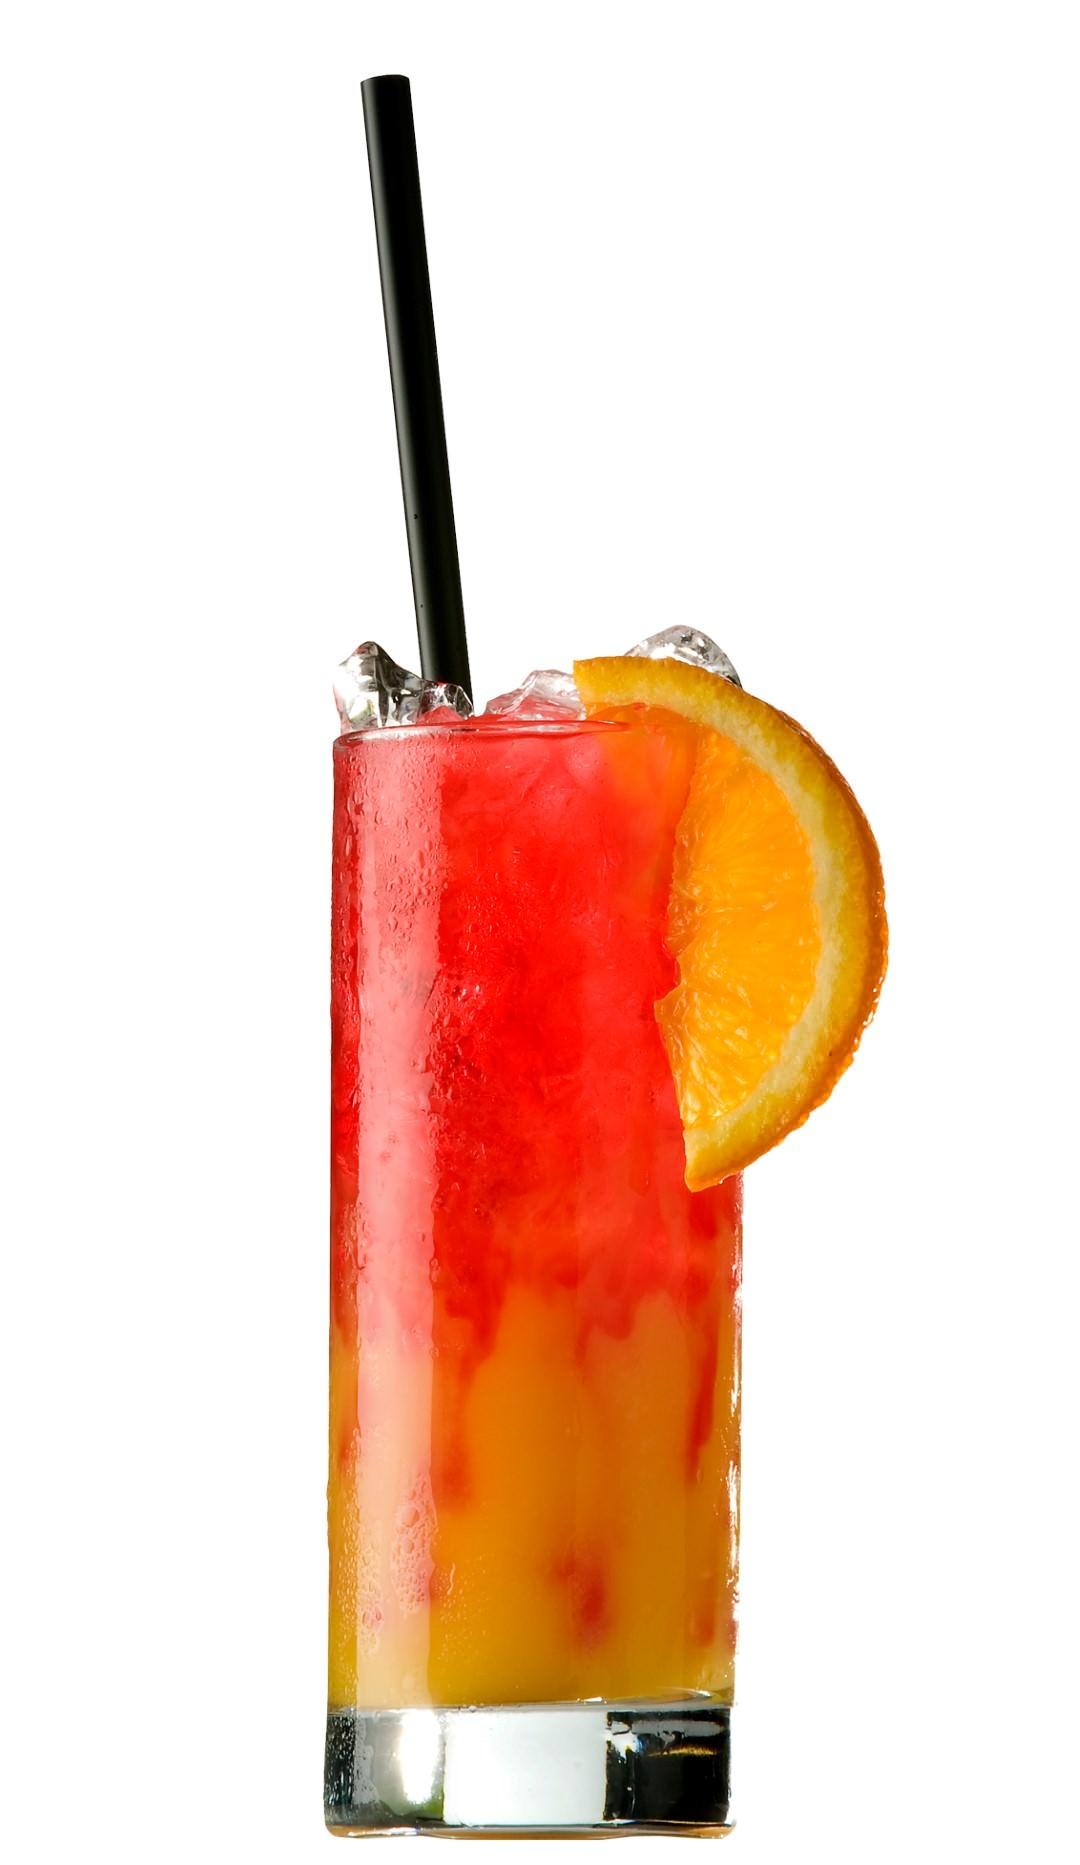 Tequila Sunrise cocktail recipe.